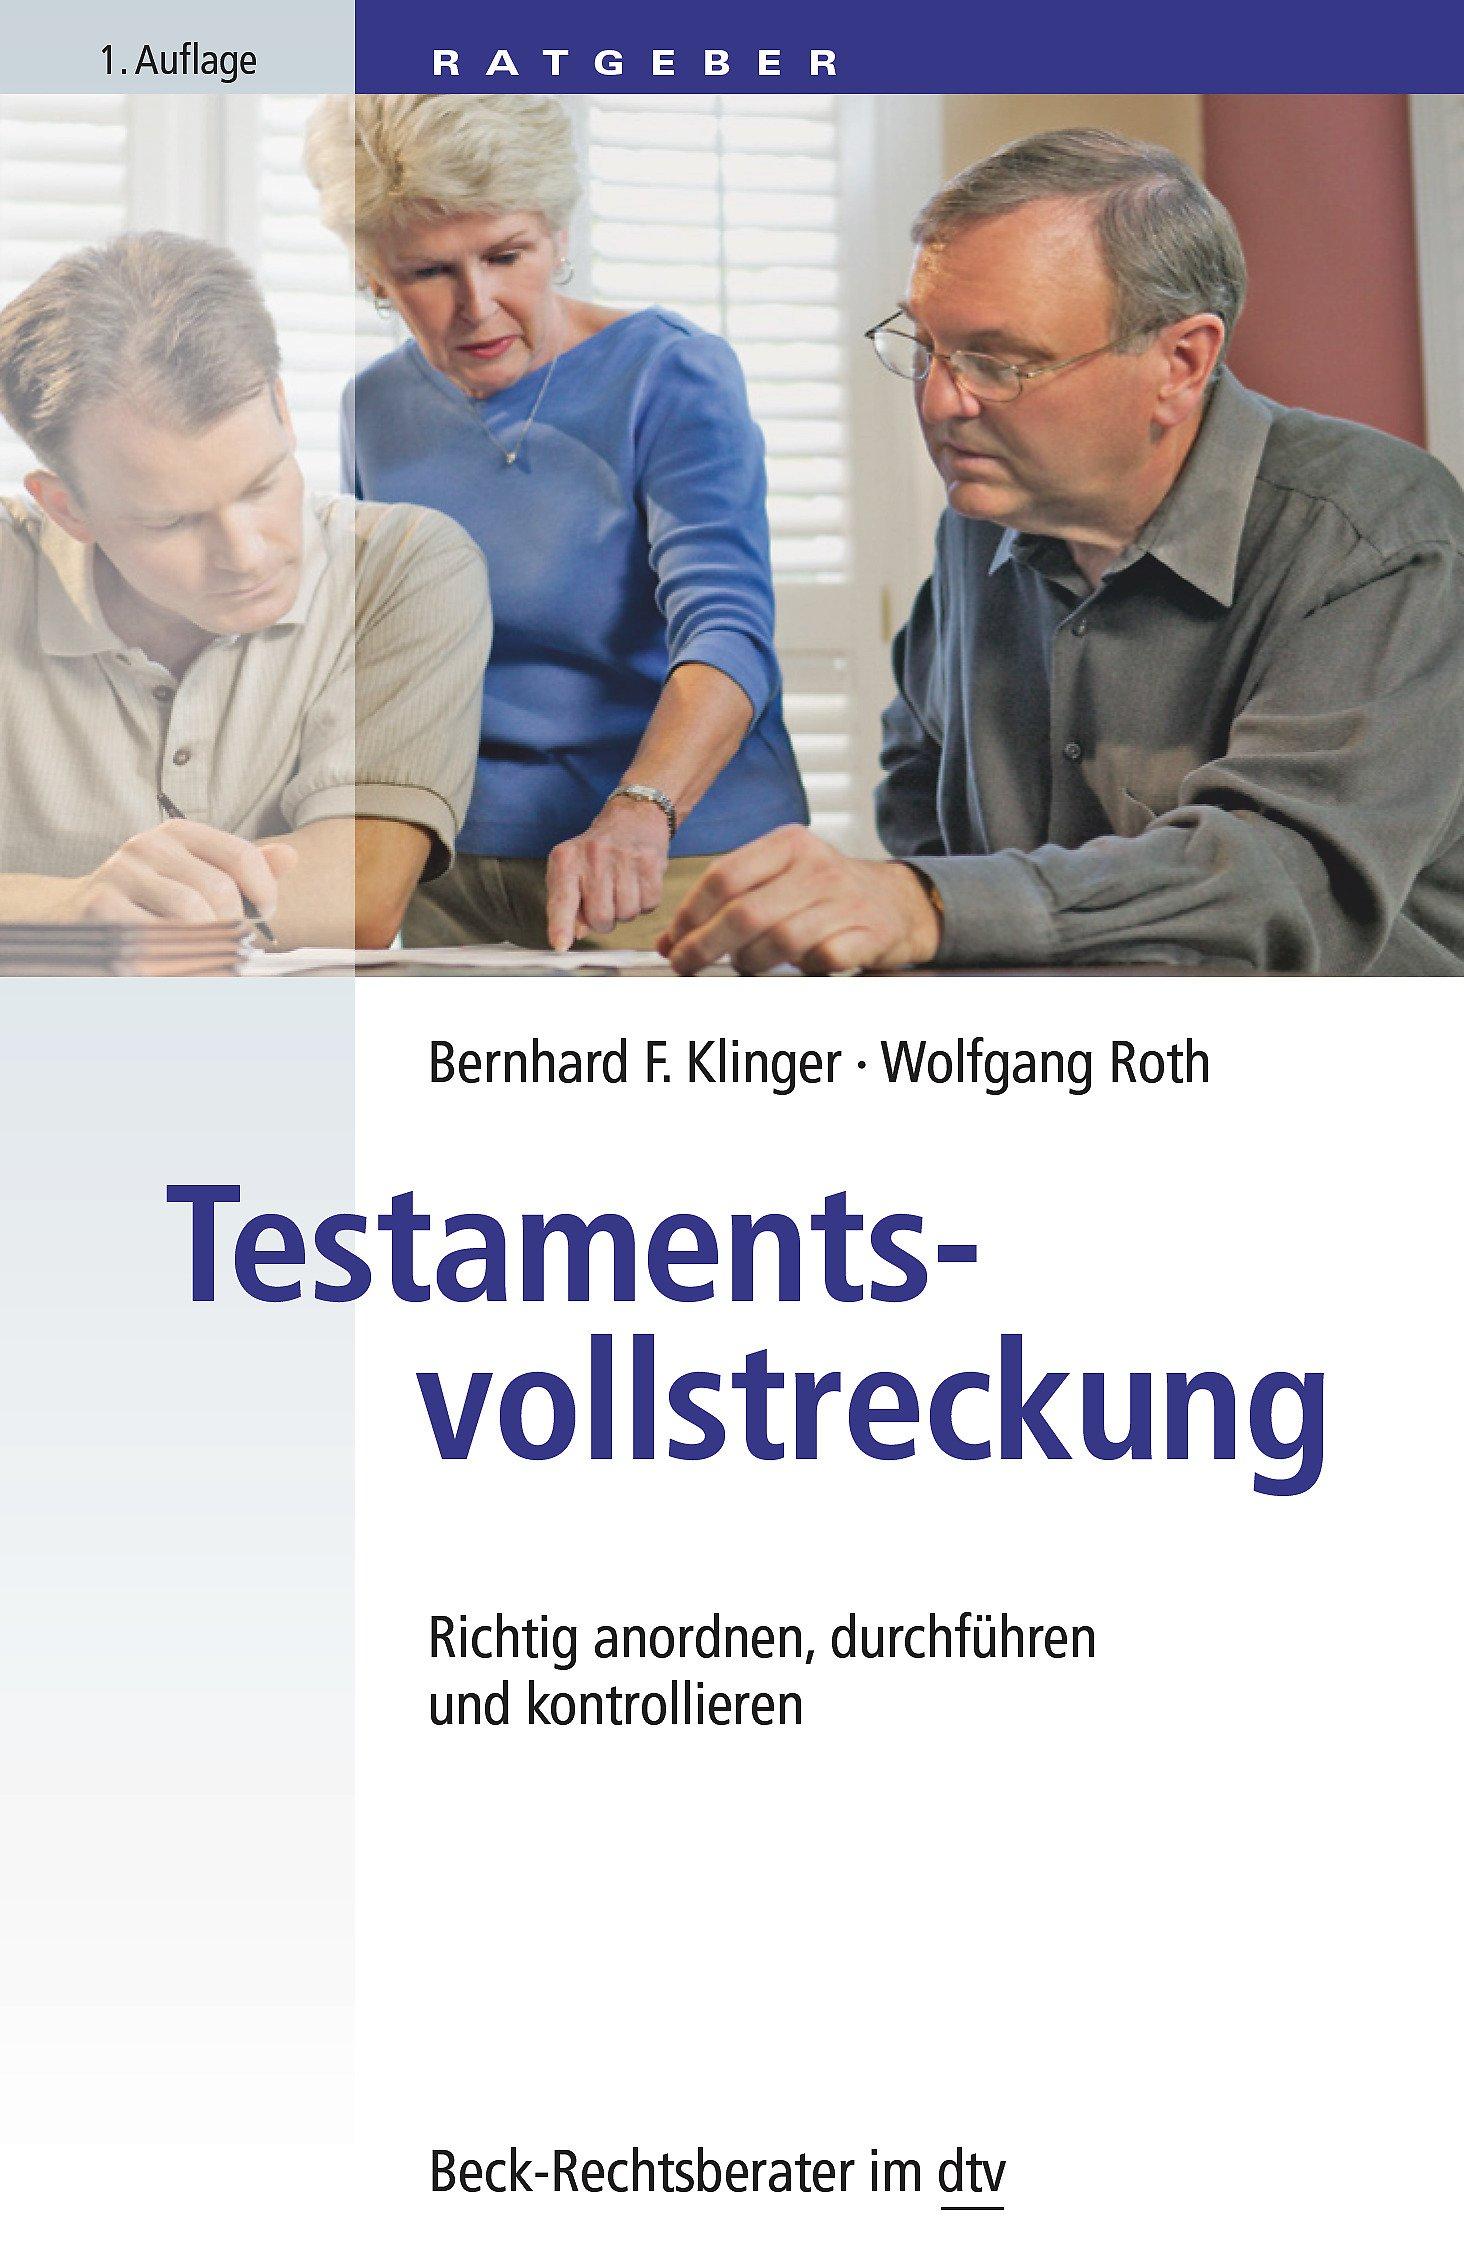 Testamentsvollstreckung: Richtig anordnen, durchführen und kontrollieren